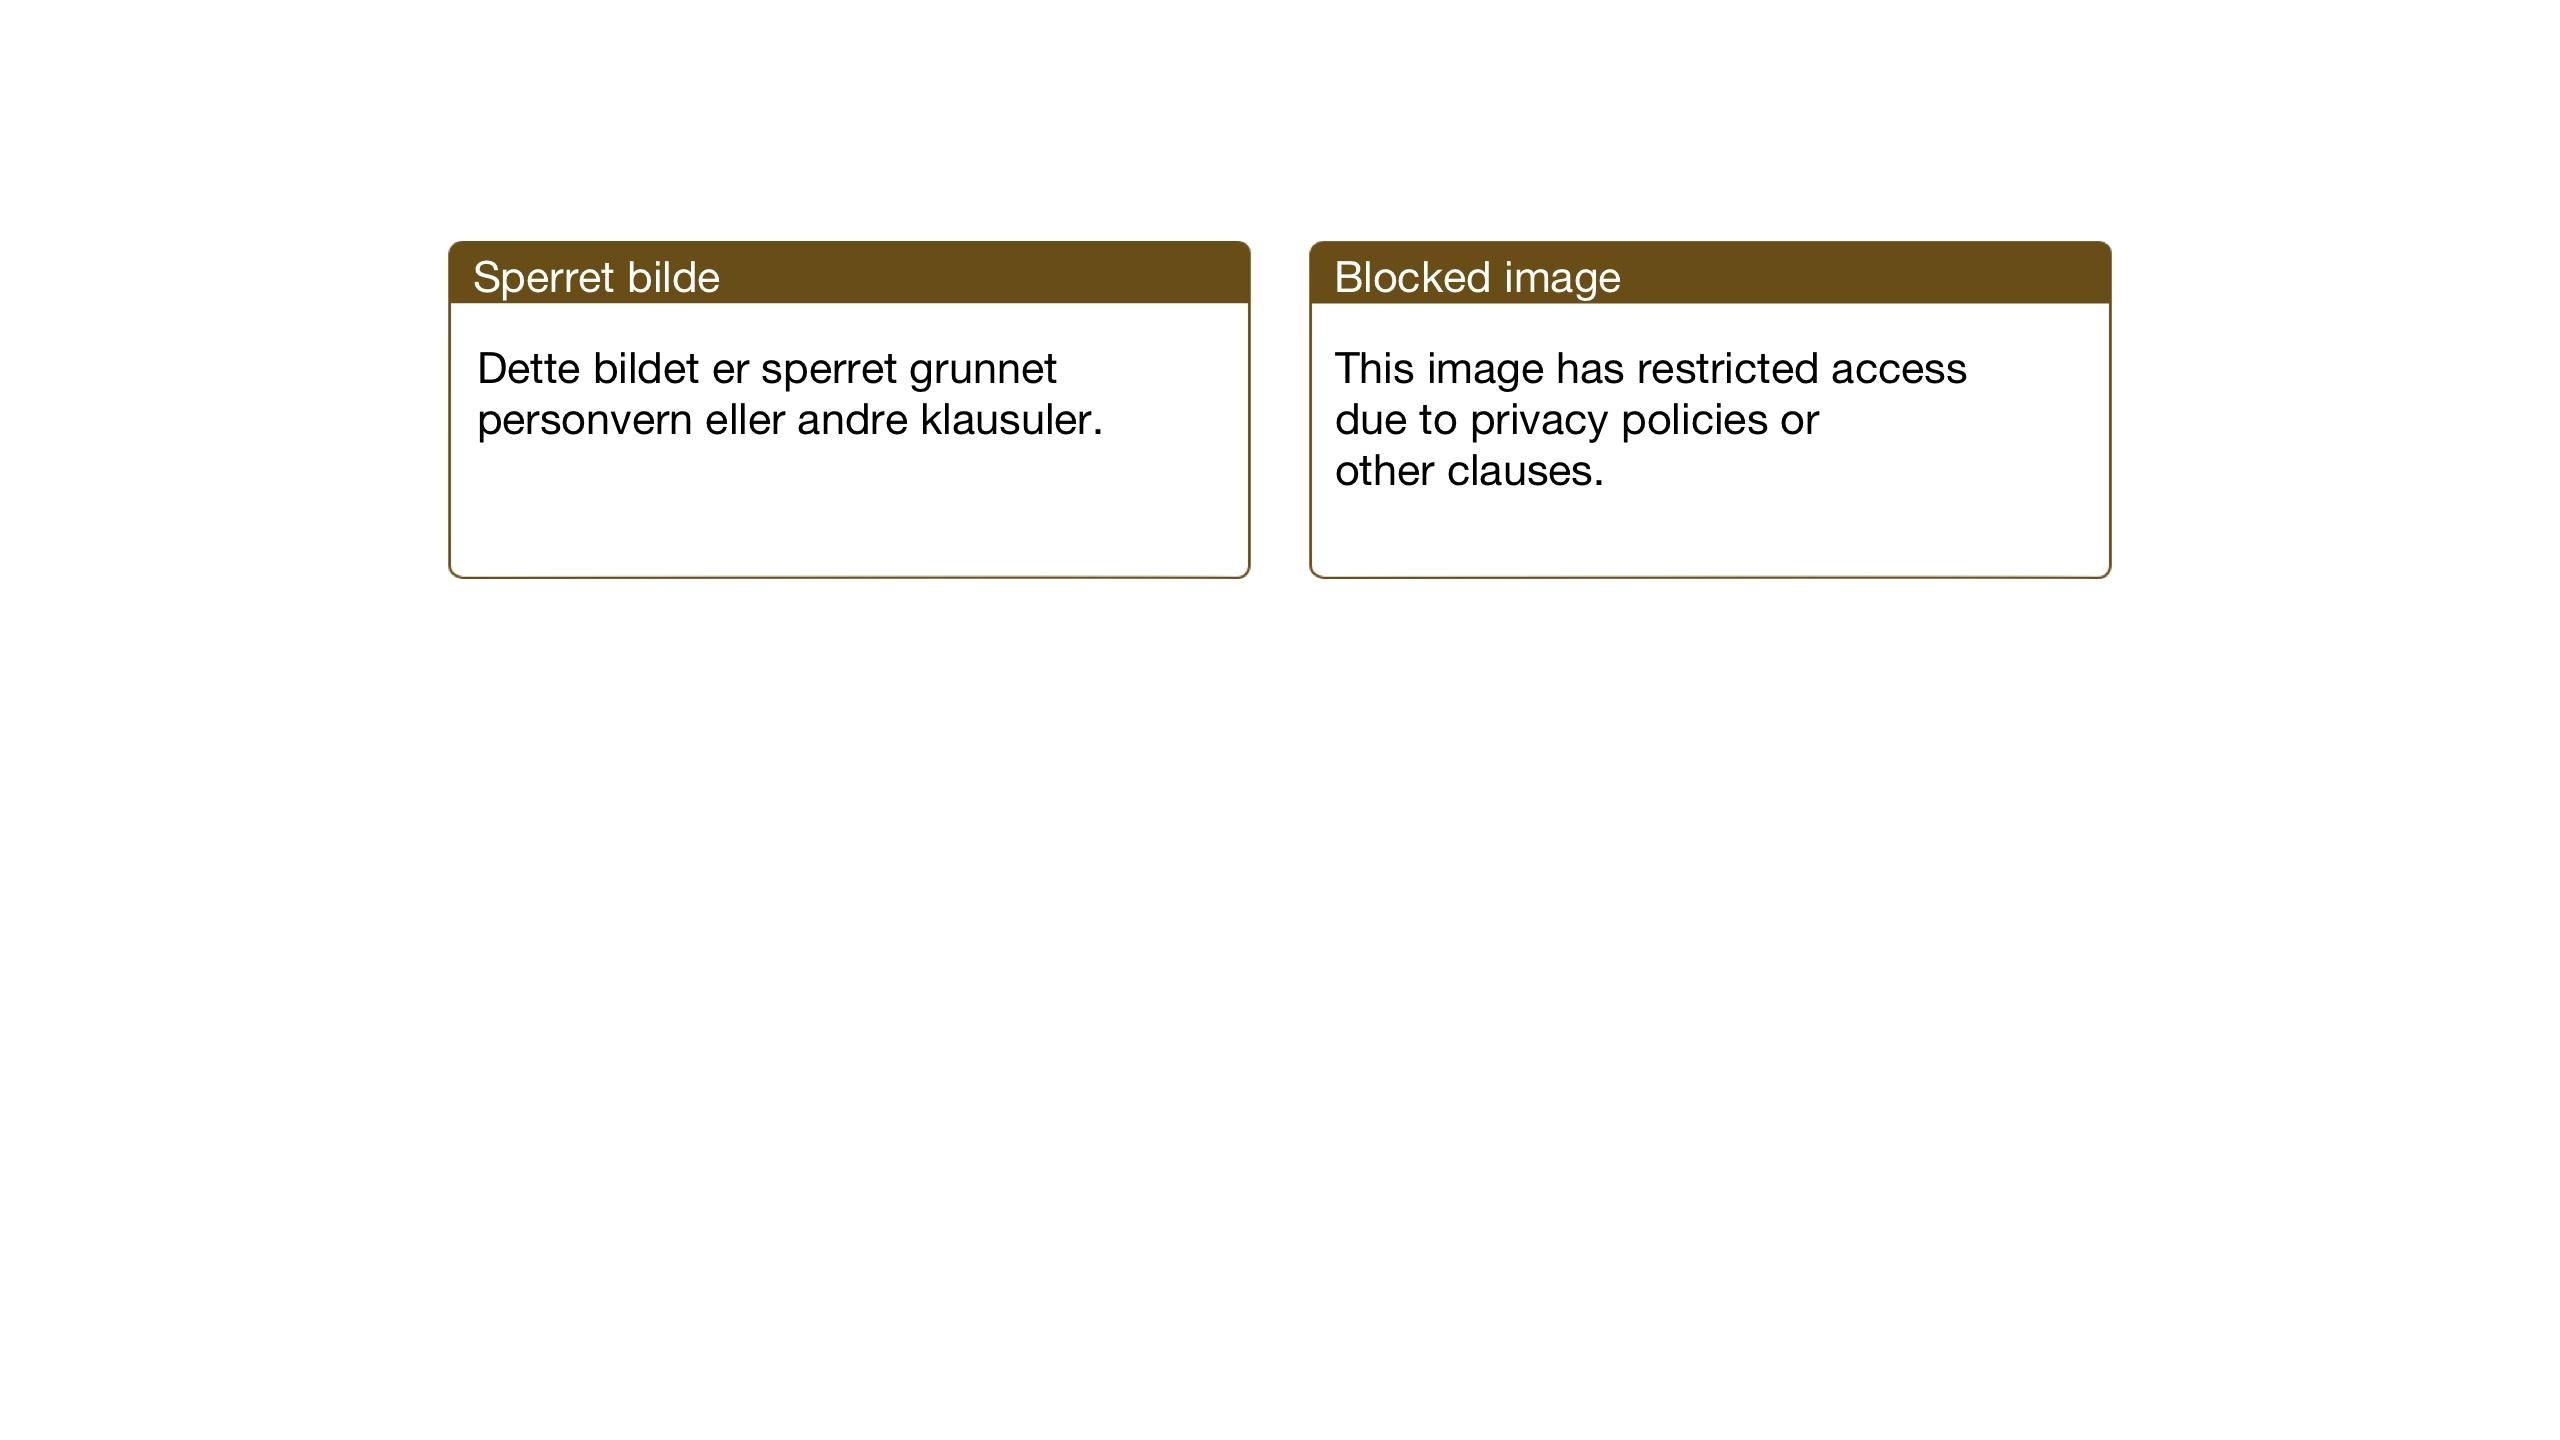 SAT, Ministerialprotokoller, klokkerbøker og fødselsregistre - Sør-Trøndelag, 681/L0943: Klokkerbok nr. 681C07, 1926-1954, s. 322